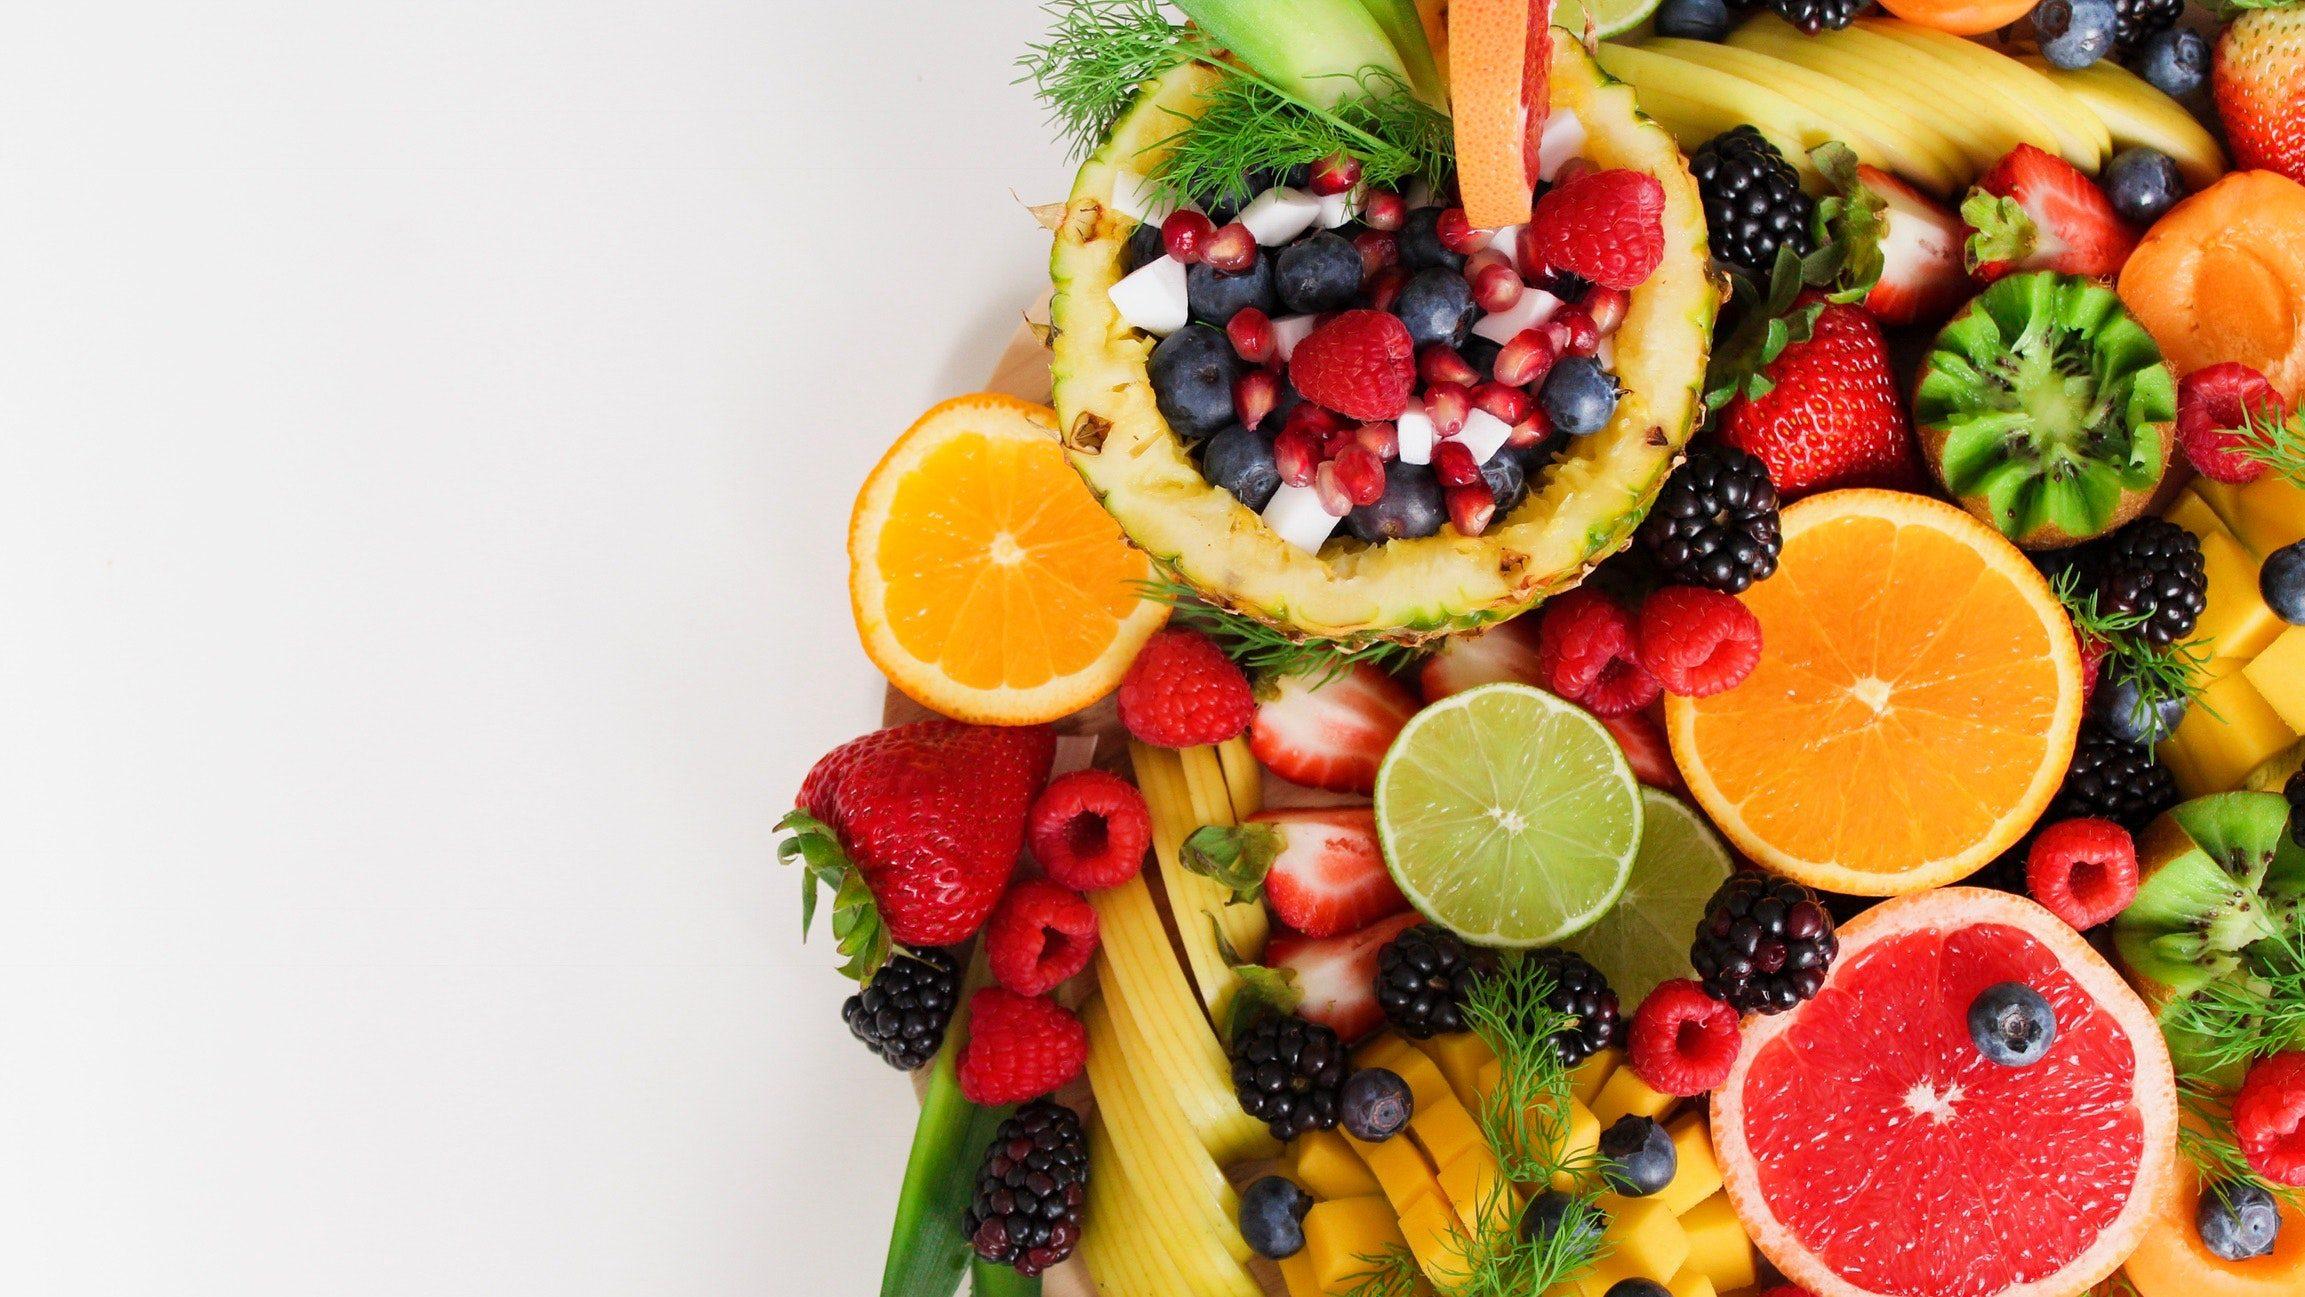 Foodagro | Zdrowie Twoje i rodziny